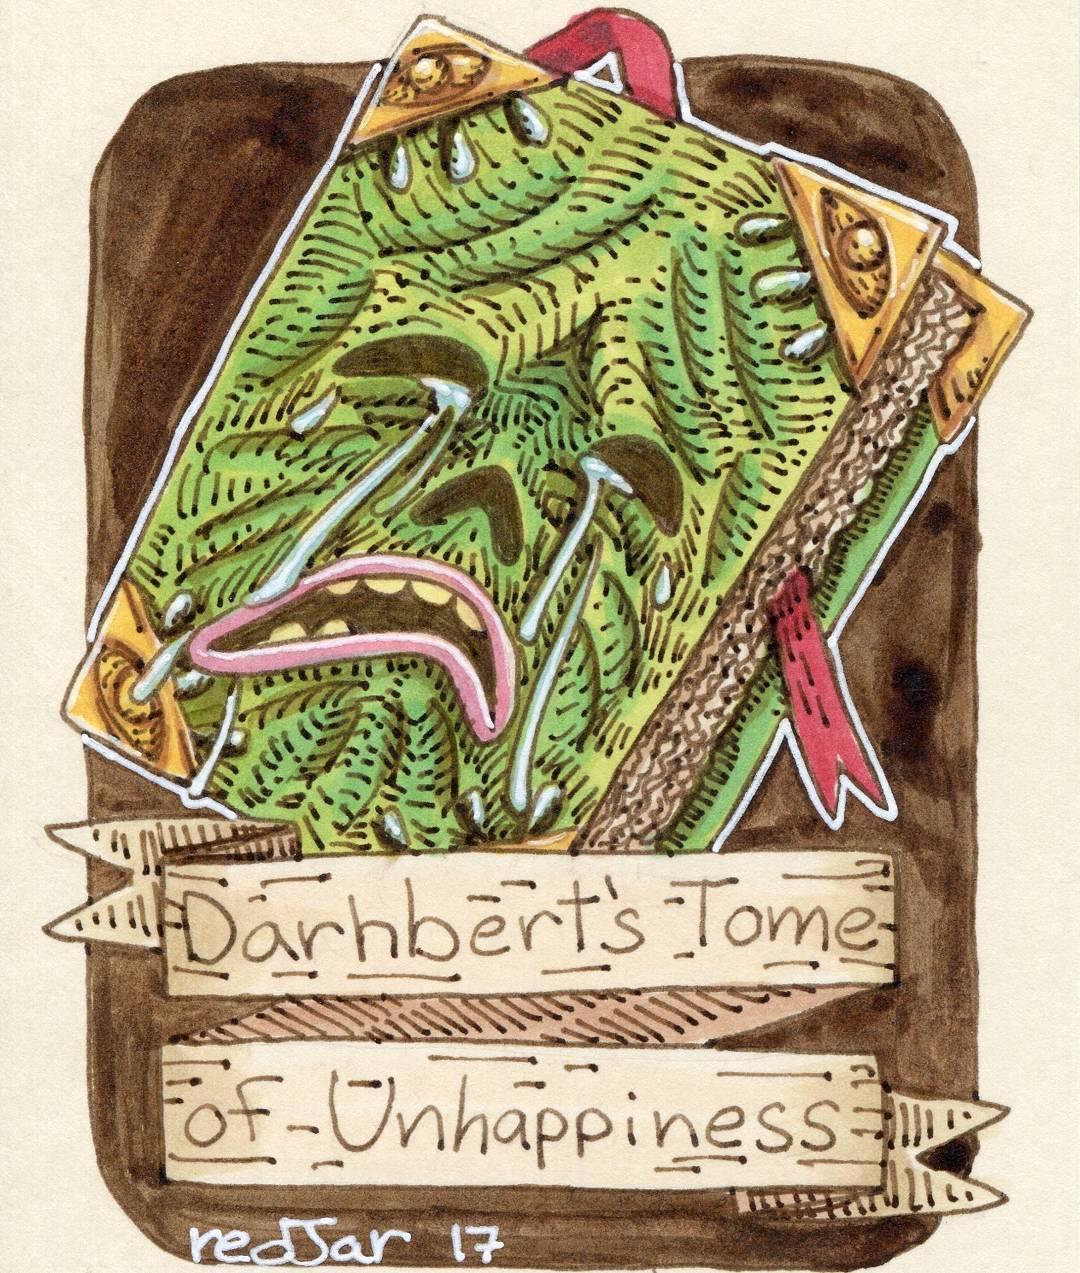 """redjarojam """"Darhbert's Tome of Unhappiness"""" - by Jared DeCosta (redjarojam) www.instagram.com/redjarojam (2017-04) © dell'autore tutti i diritti riservati"""